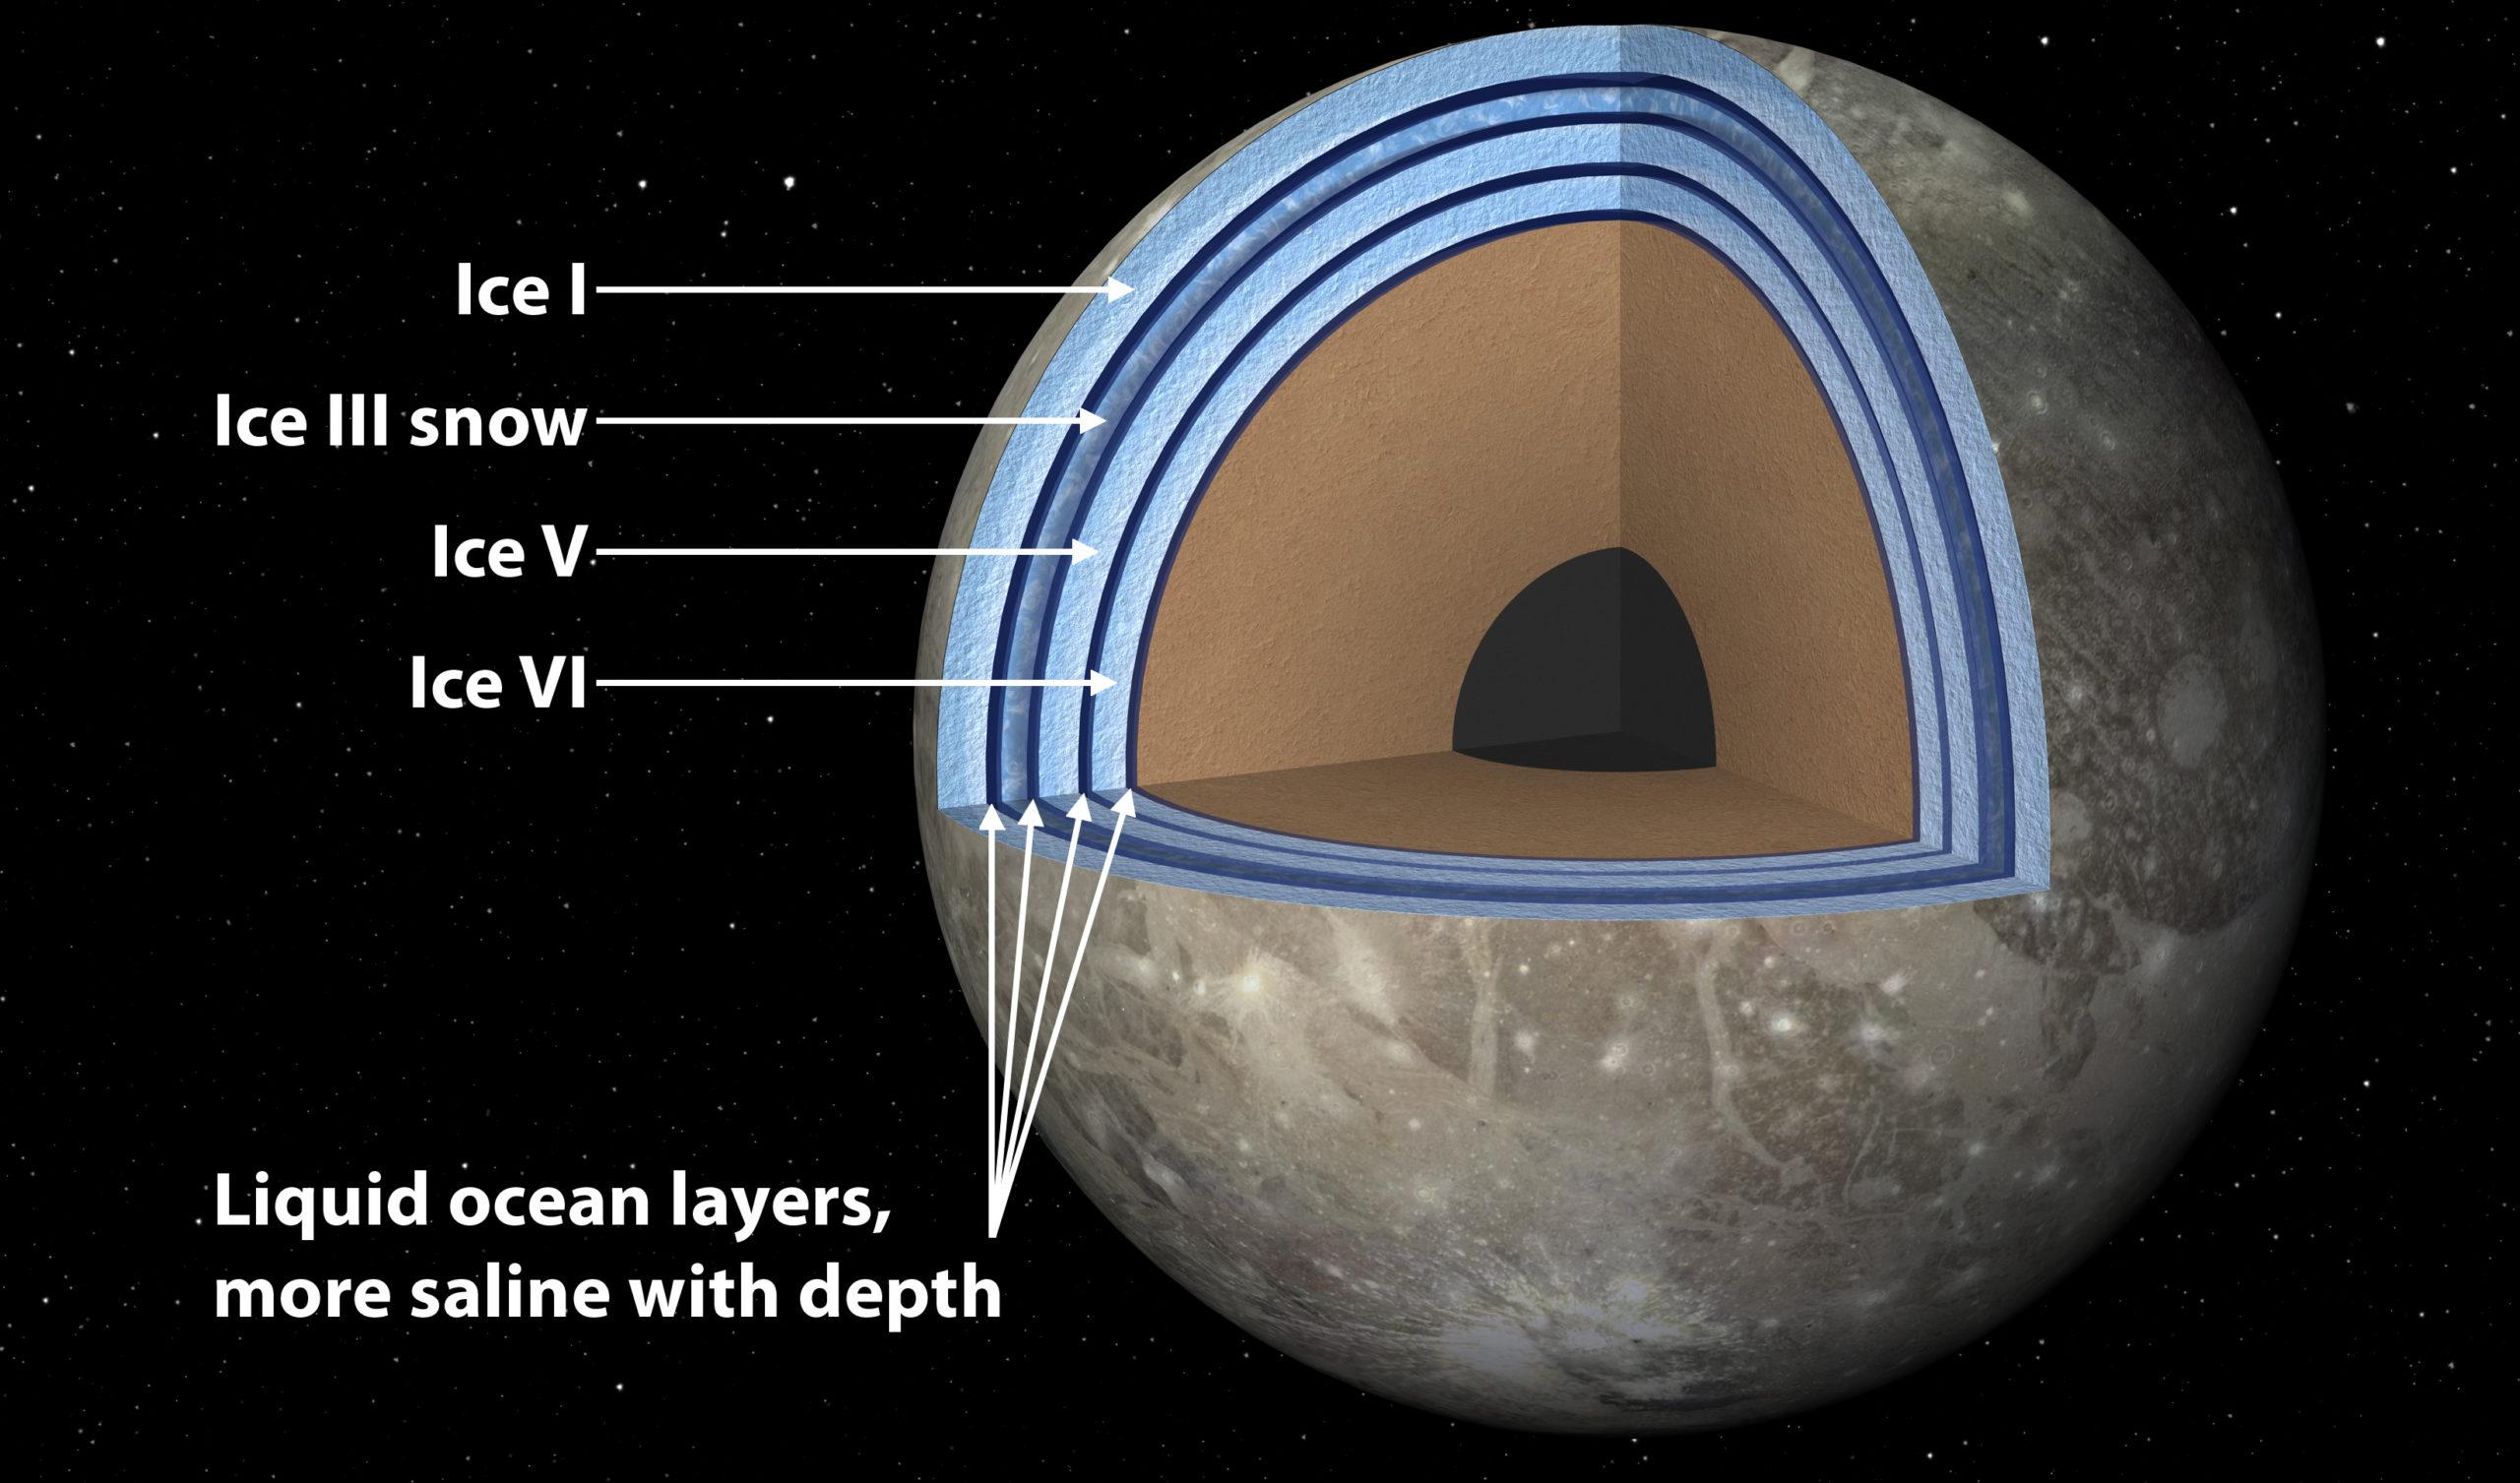 Ilustração com composição da lua Ganímedes, de Júpiter. Crédito: NASA/JPL-Caltech